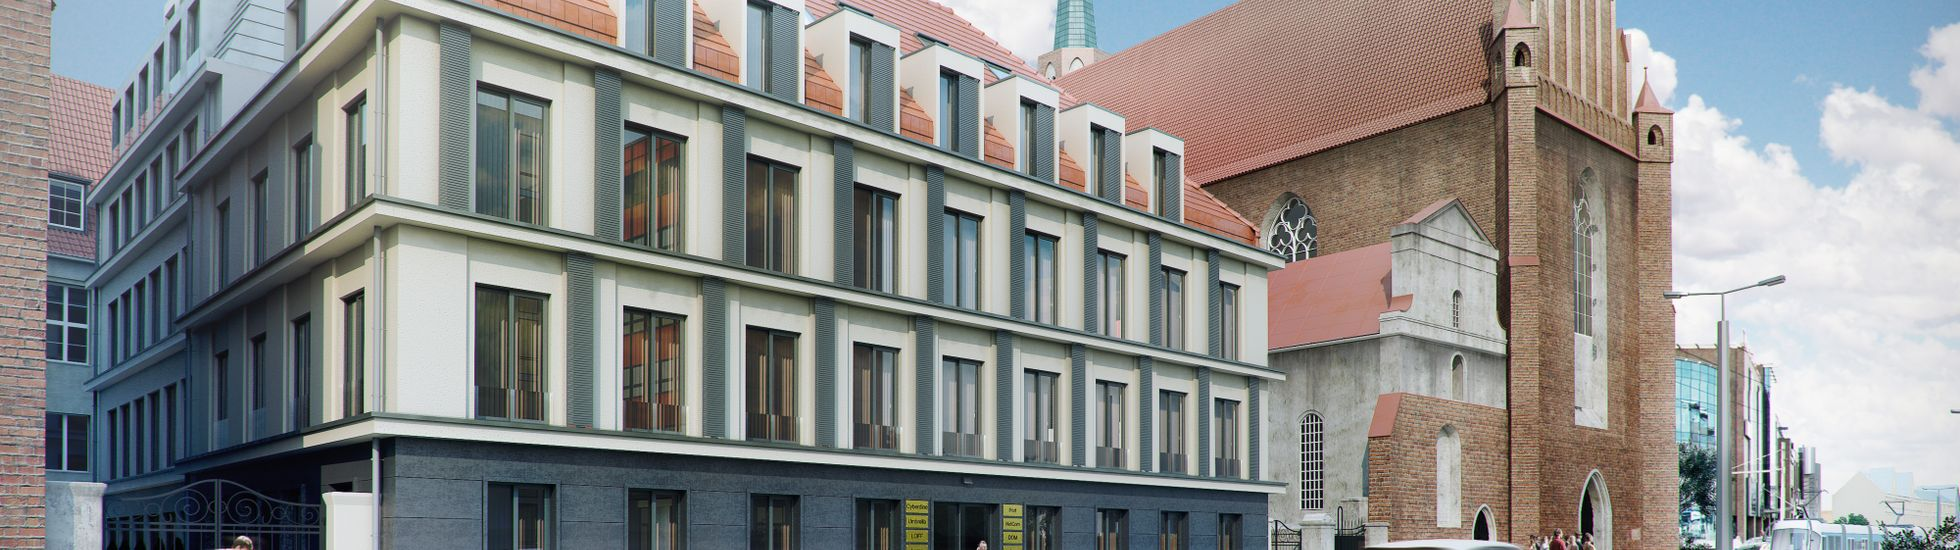 Wrocław: Centric – inwestor wyremontuje i nadbuduje dawny budynek Banku Śląskiego